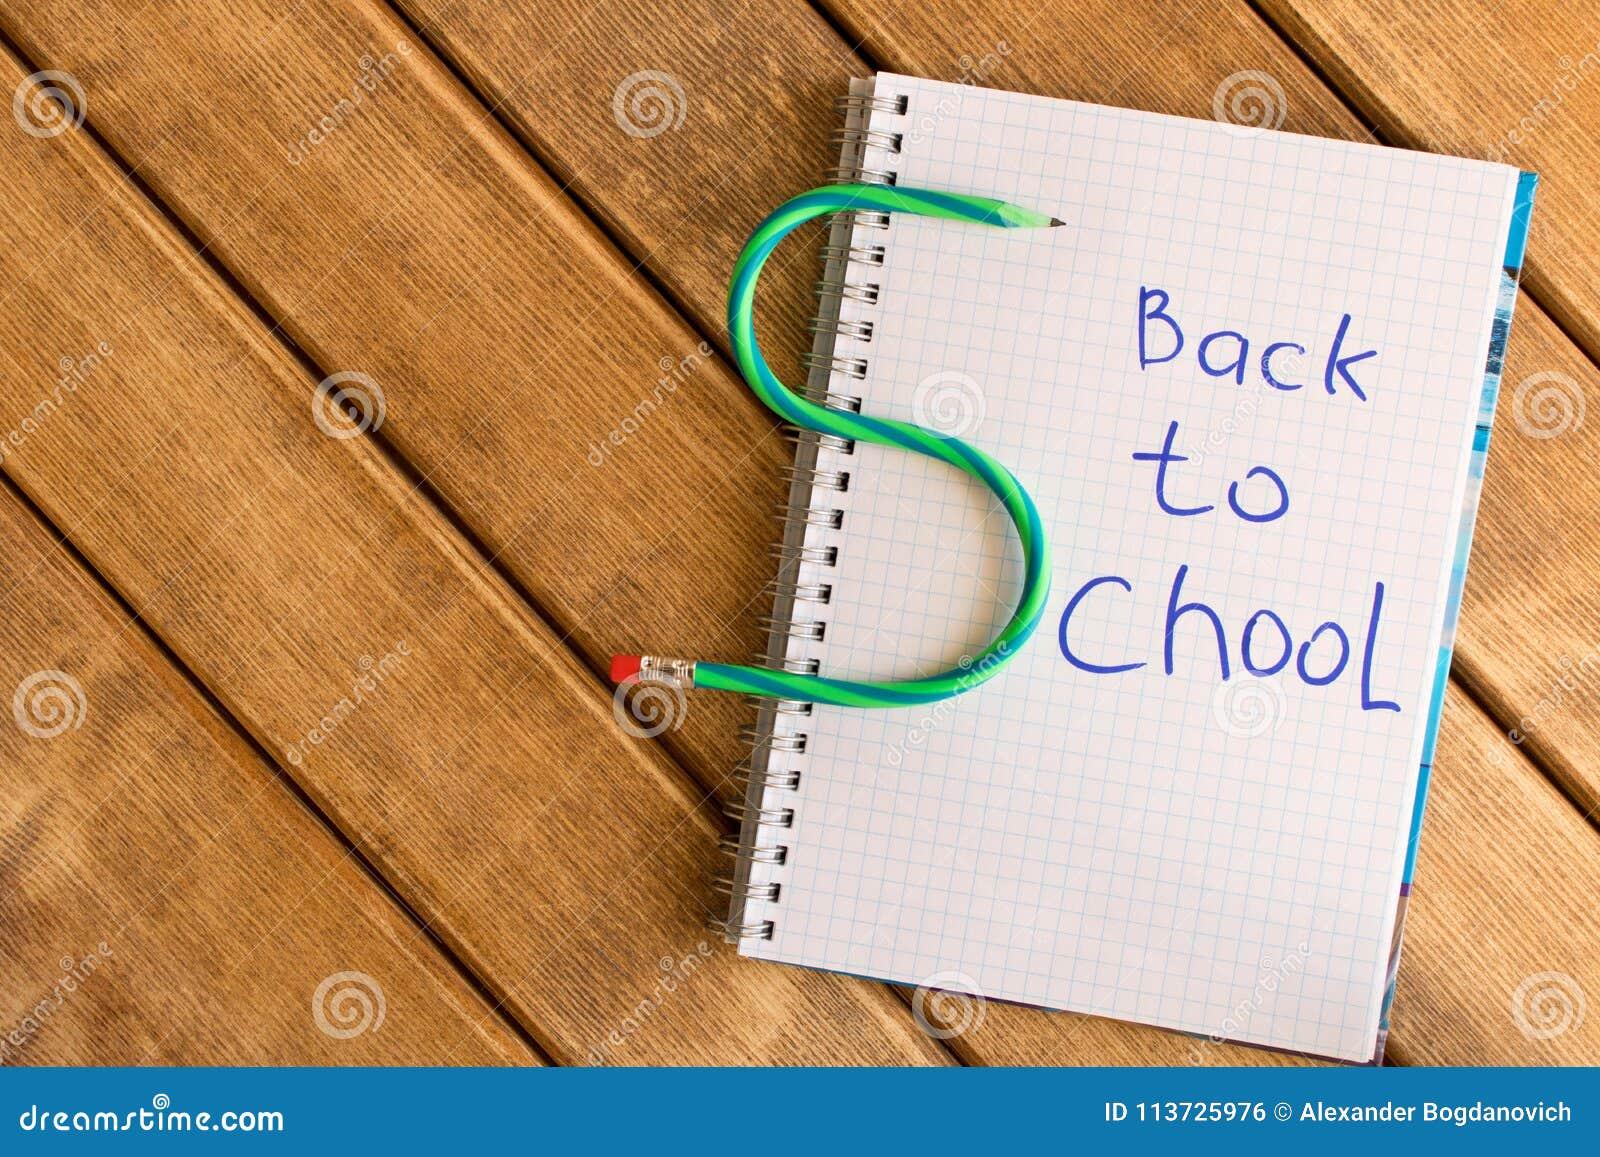 Inscrição de volta à escola no bloco de notas no fundo de madeira